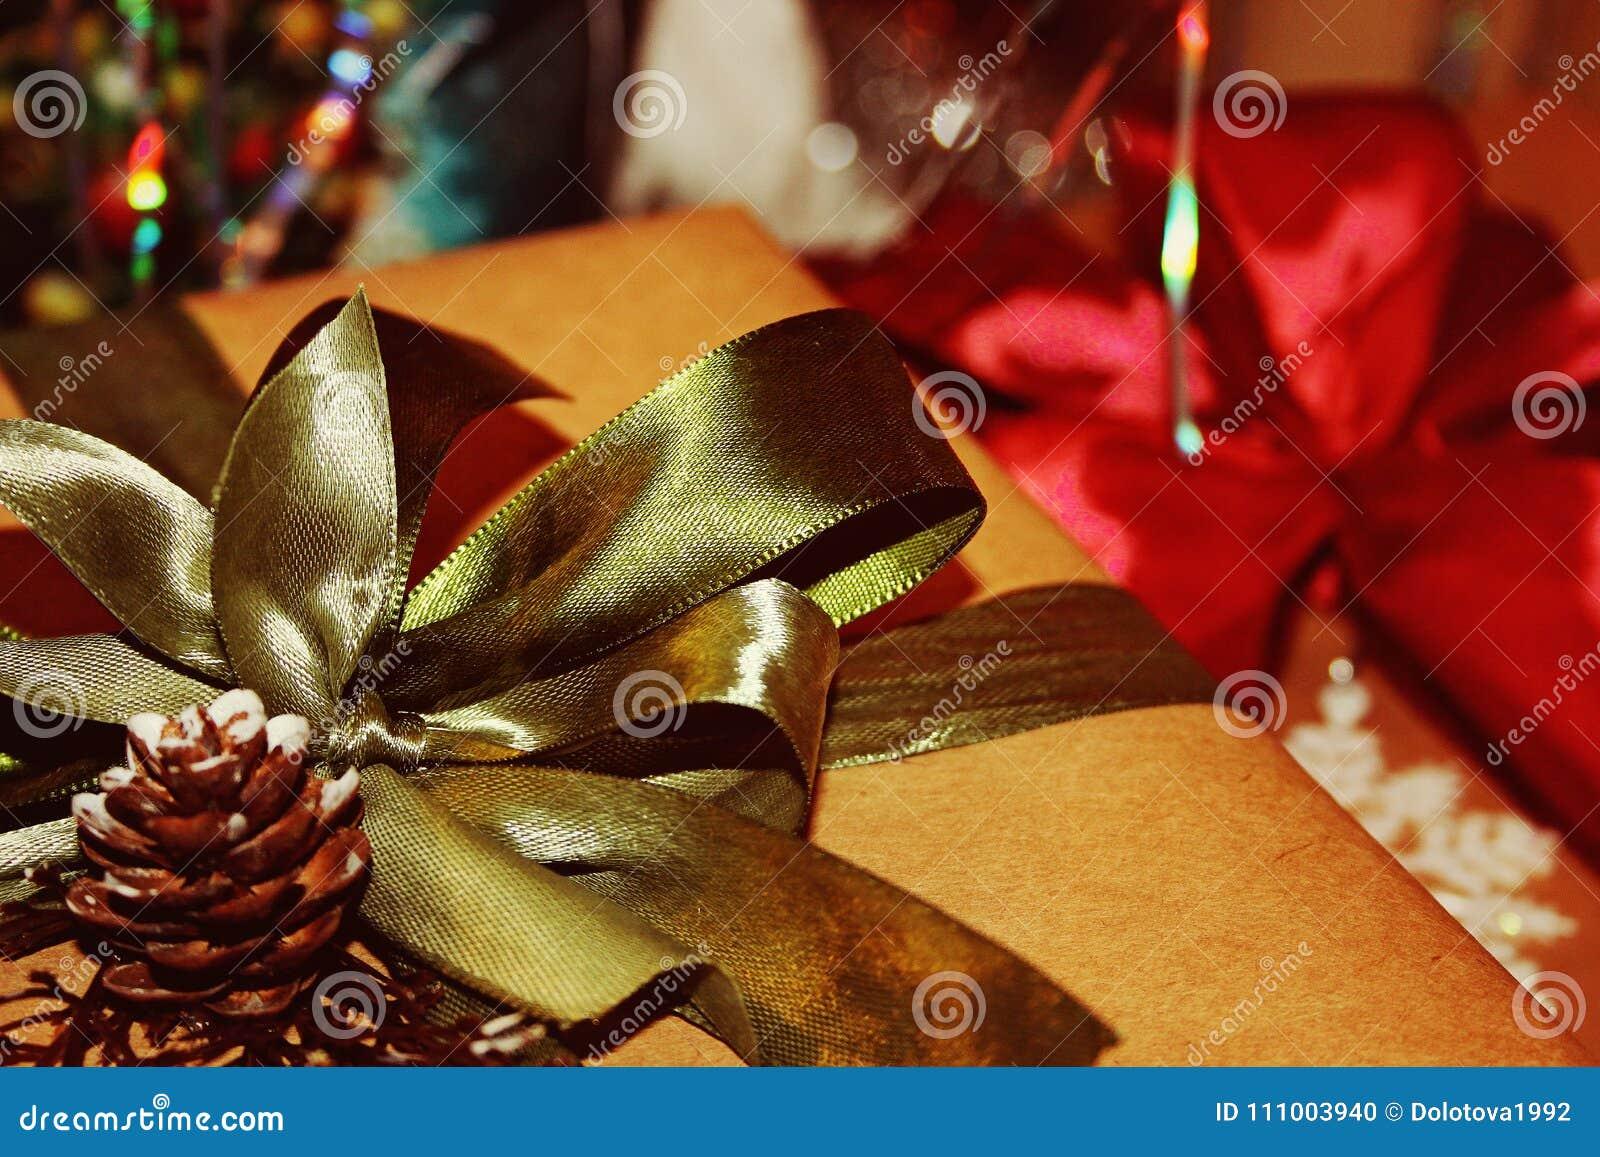 Ein Geschenk Für Das Neue Jahr Oder Das Weihnachten Oder Irgendein ...